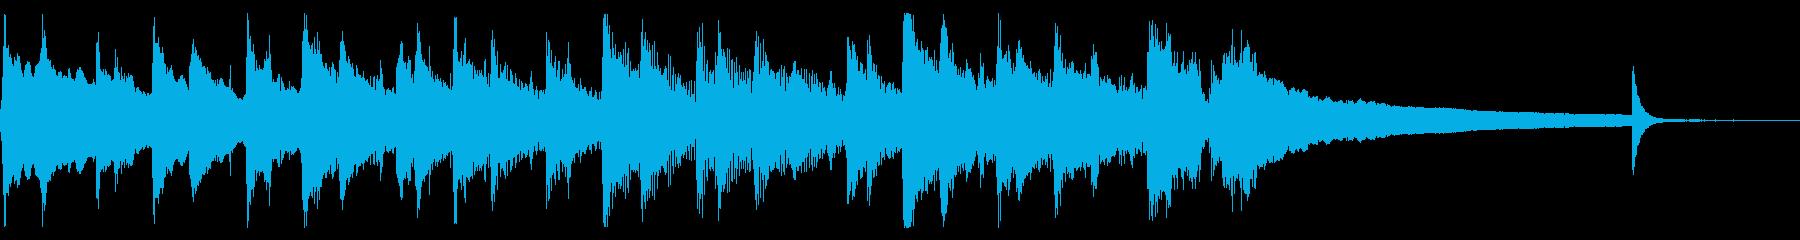 ほのぼの可愛いオープニング曲の再生済みの波形